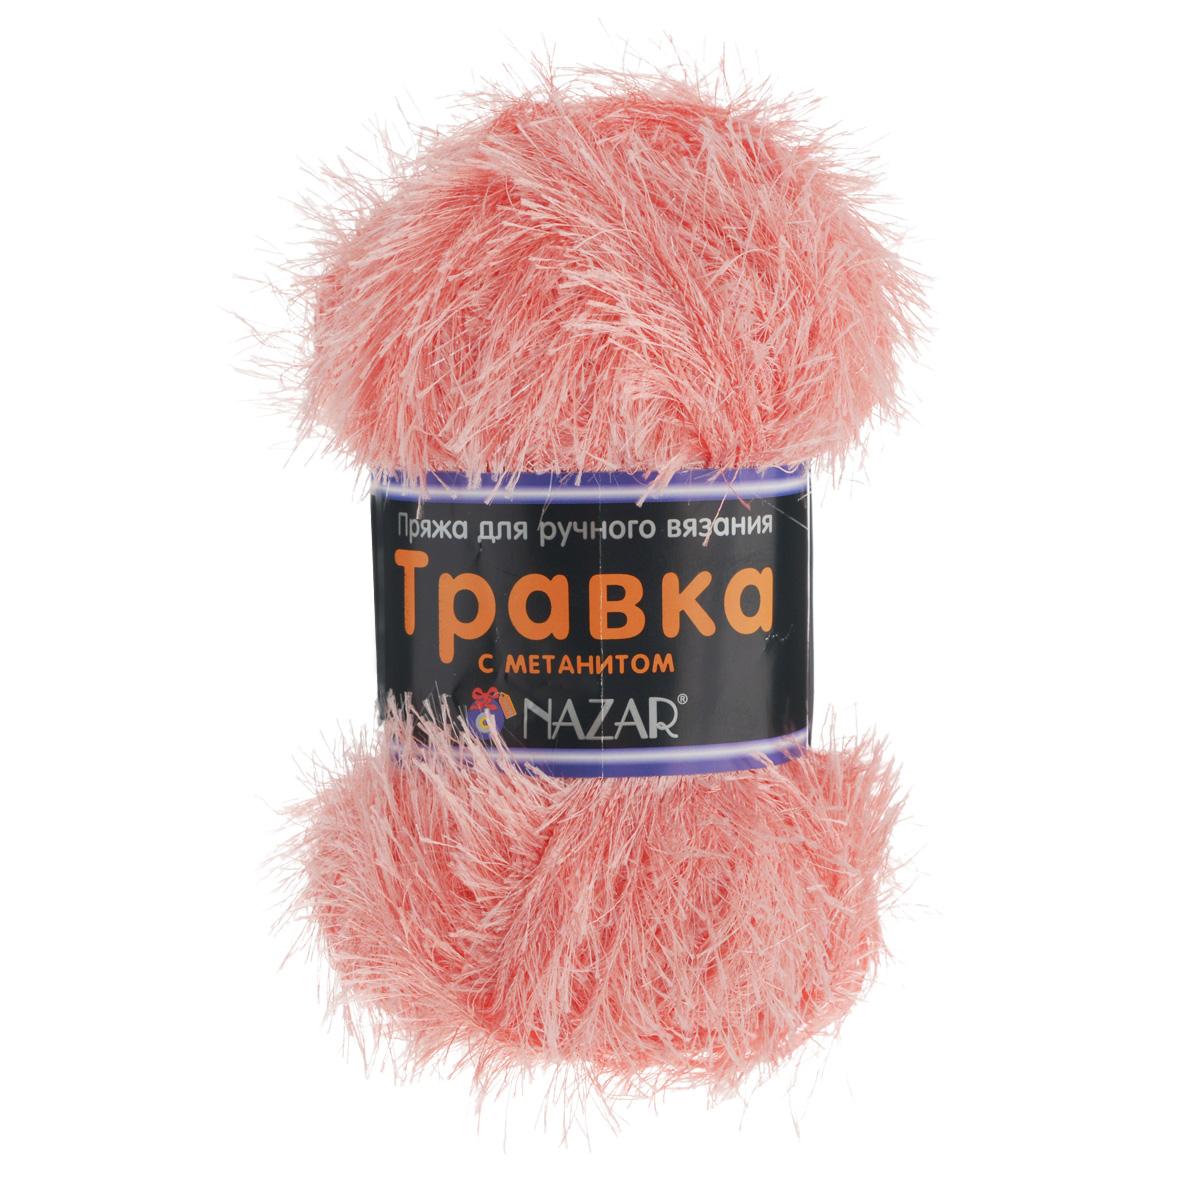 Пряжа для вязания Nazar Травка с метанитом, цвет: персиковый (2671), 115 м, 100 г, 5 шт349021_2671Пряжа для вязания Nazar Травка с метанитом изготовлена из 90% полиэстера, 10% метанита. Это - пряжа с ворсом. Изделия выглядят как меховые, а добавление метанита придает блеск. Полотно выглядит пушистым с обеих сторон. Пряжа используется для отделки изделий, создания игрушек, а также хороша для новогодних костюмов и в качестве мишуры. Подходит для вязания на спицах и крючках 4 мм. Состав: 90% полиэстер, 10% метанит. Комплектация: 5 шт. Толщина нити: 1,5 мм.